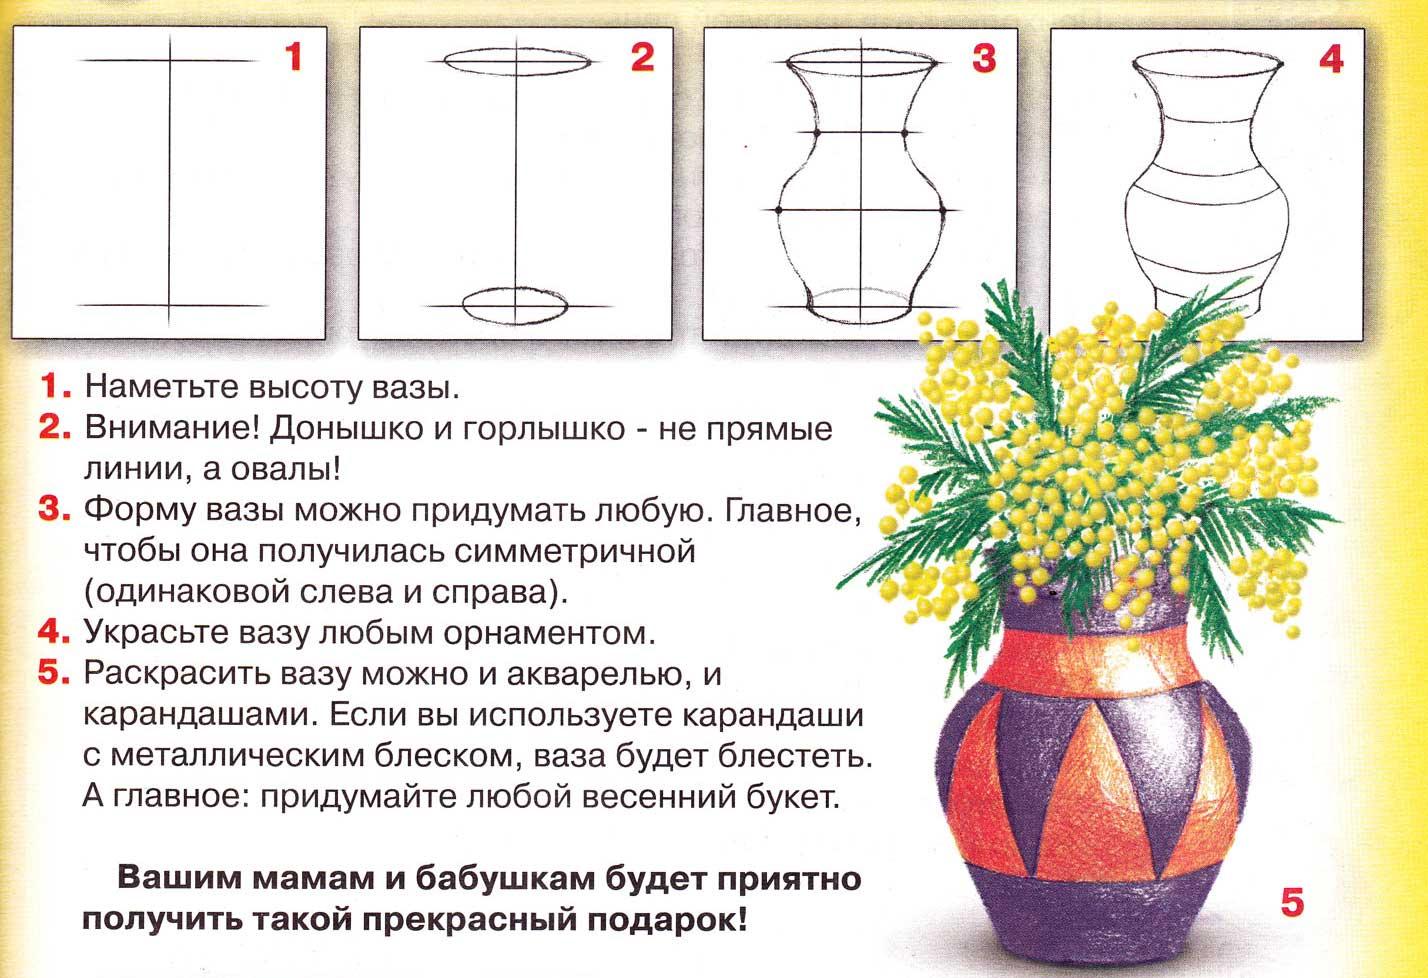 Рисунок «Цветок в вазе» поэтапно для начинающих. Как